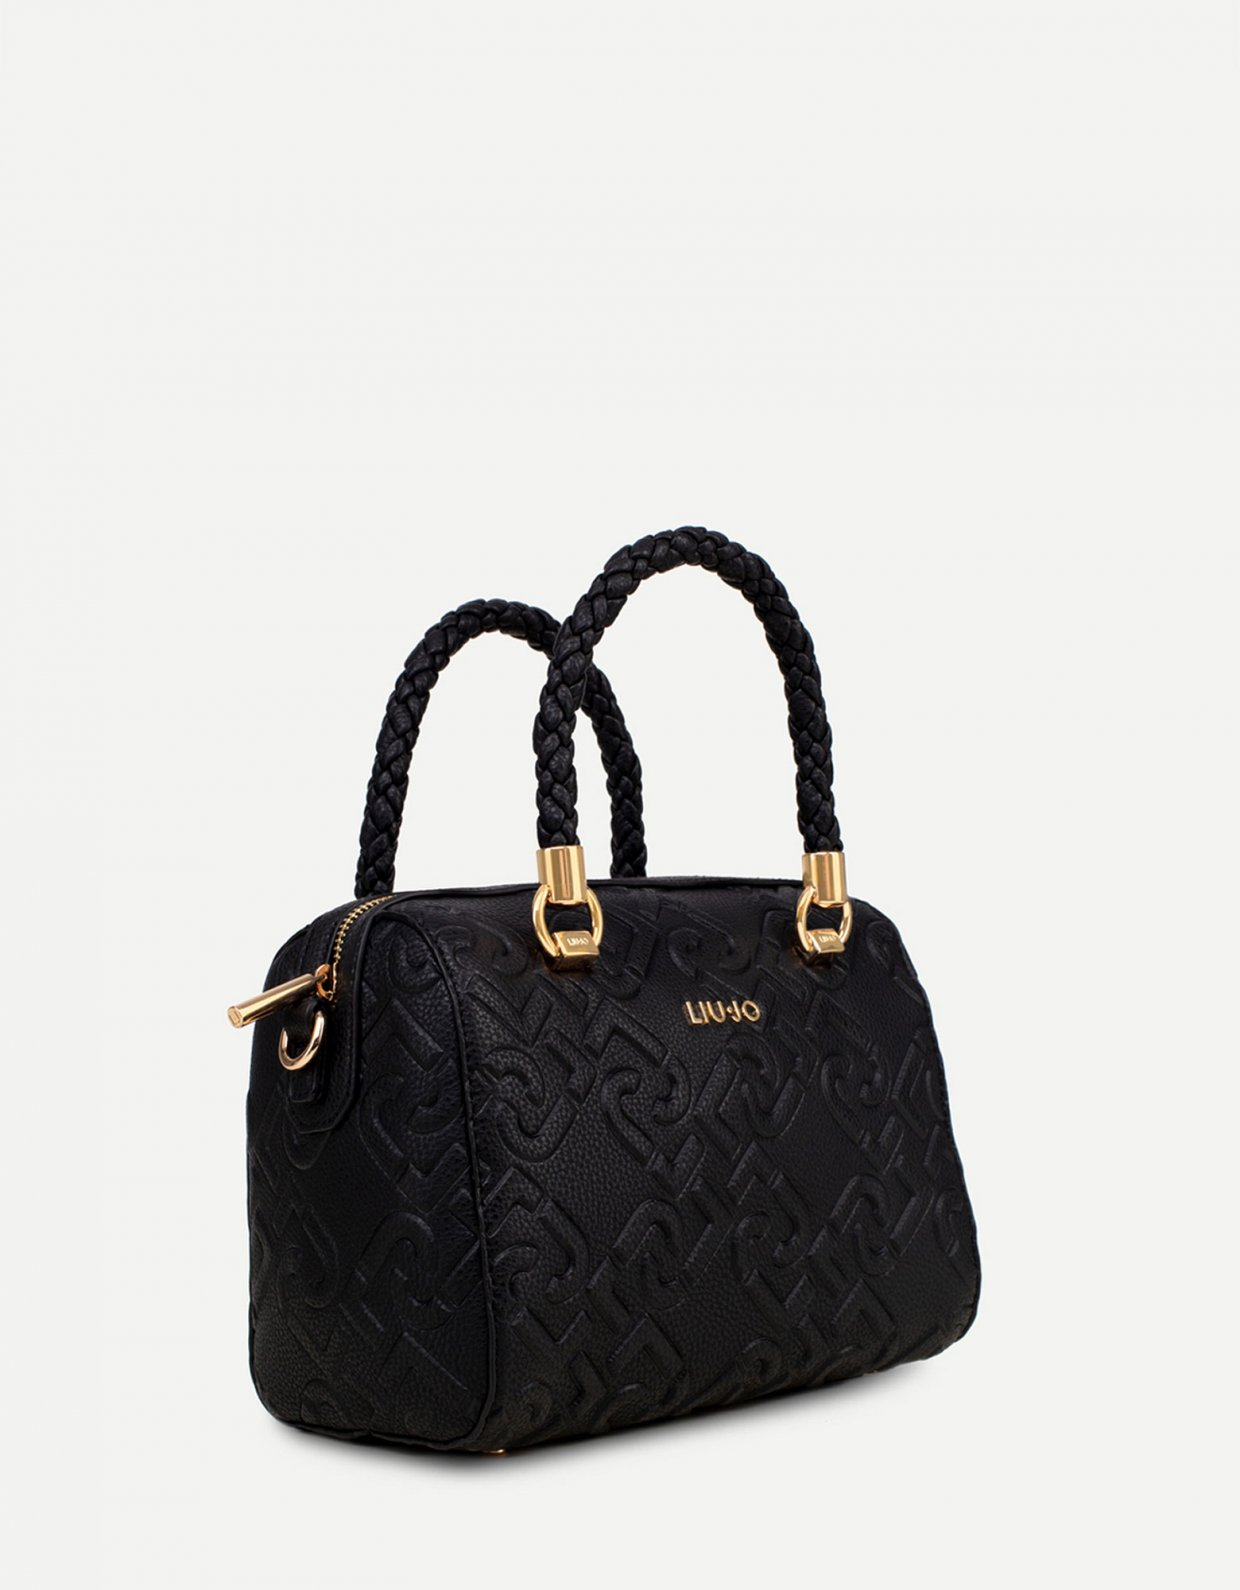 Liu Jo Boston bag black